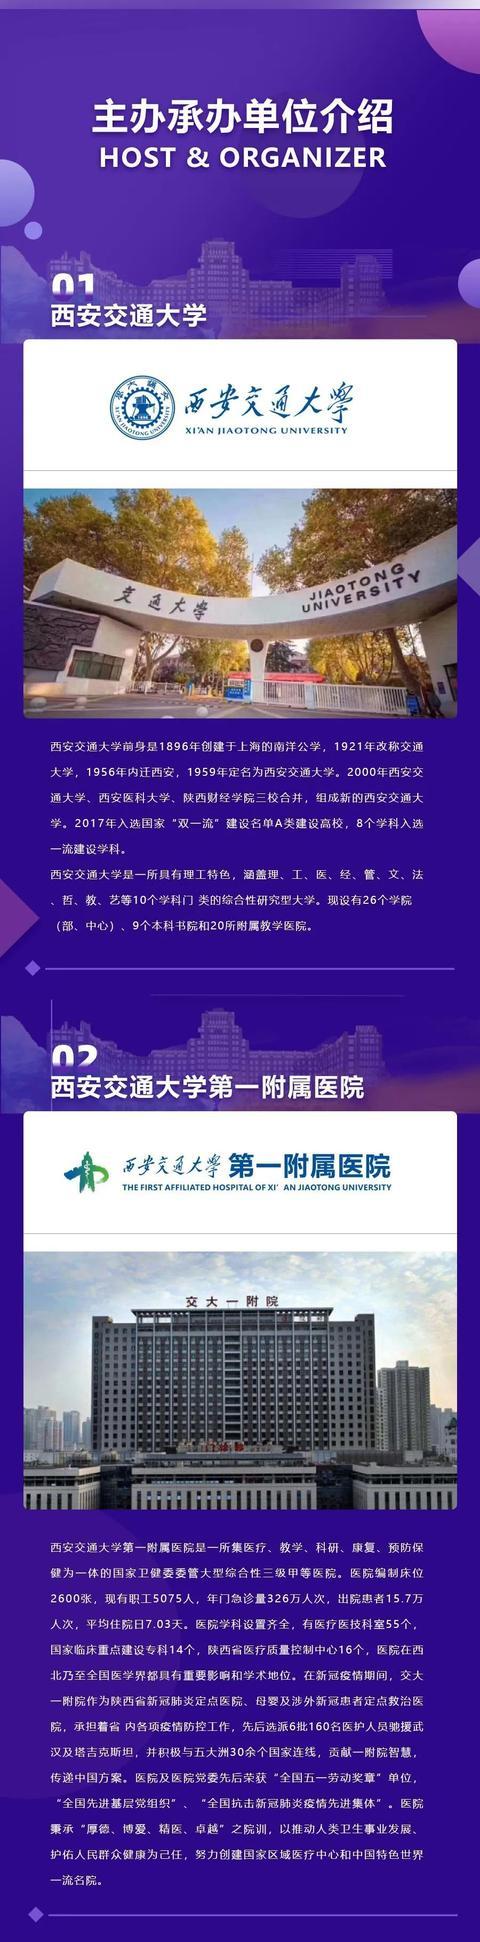 相约创新港,共赴「中国西部丝路卫生健康高峰论坛」之约